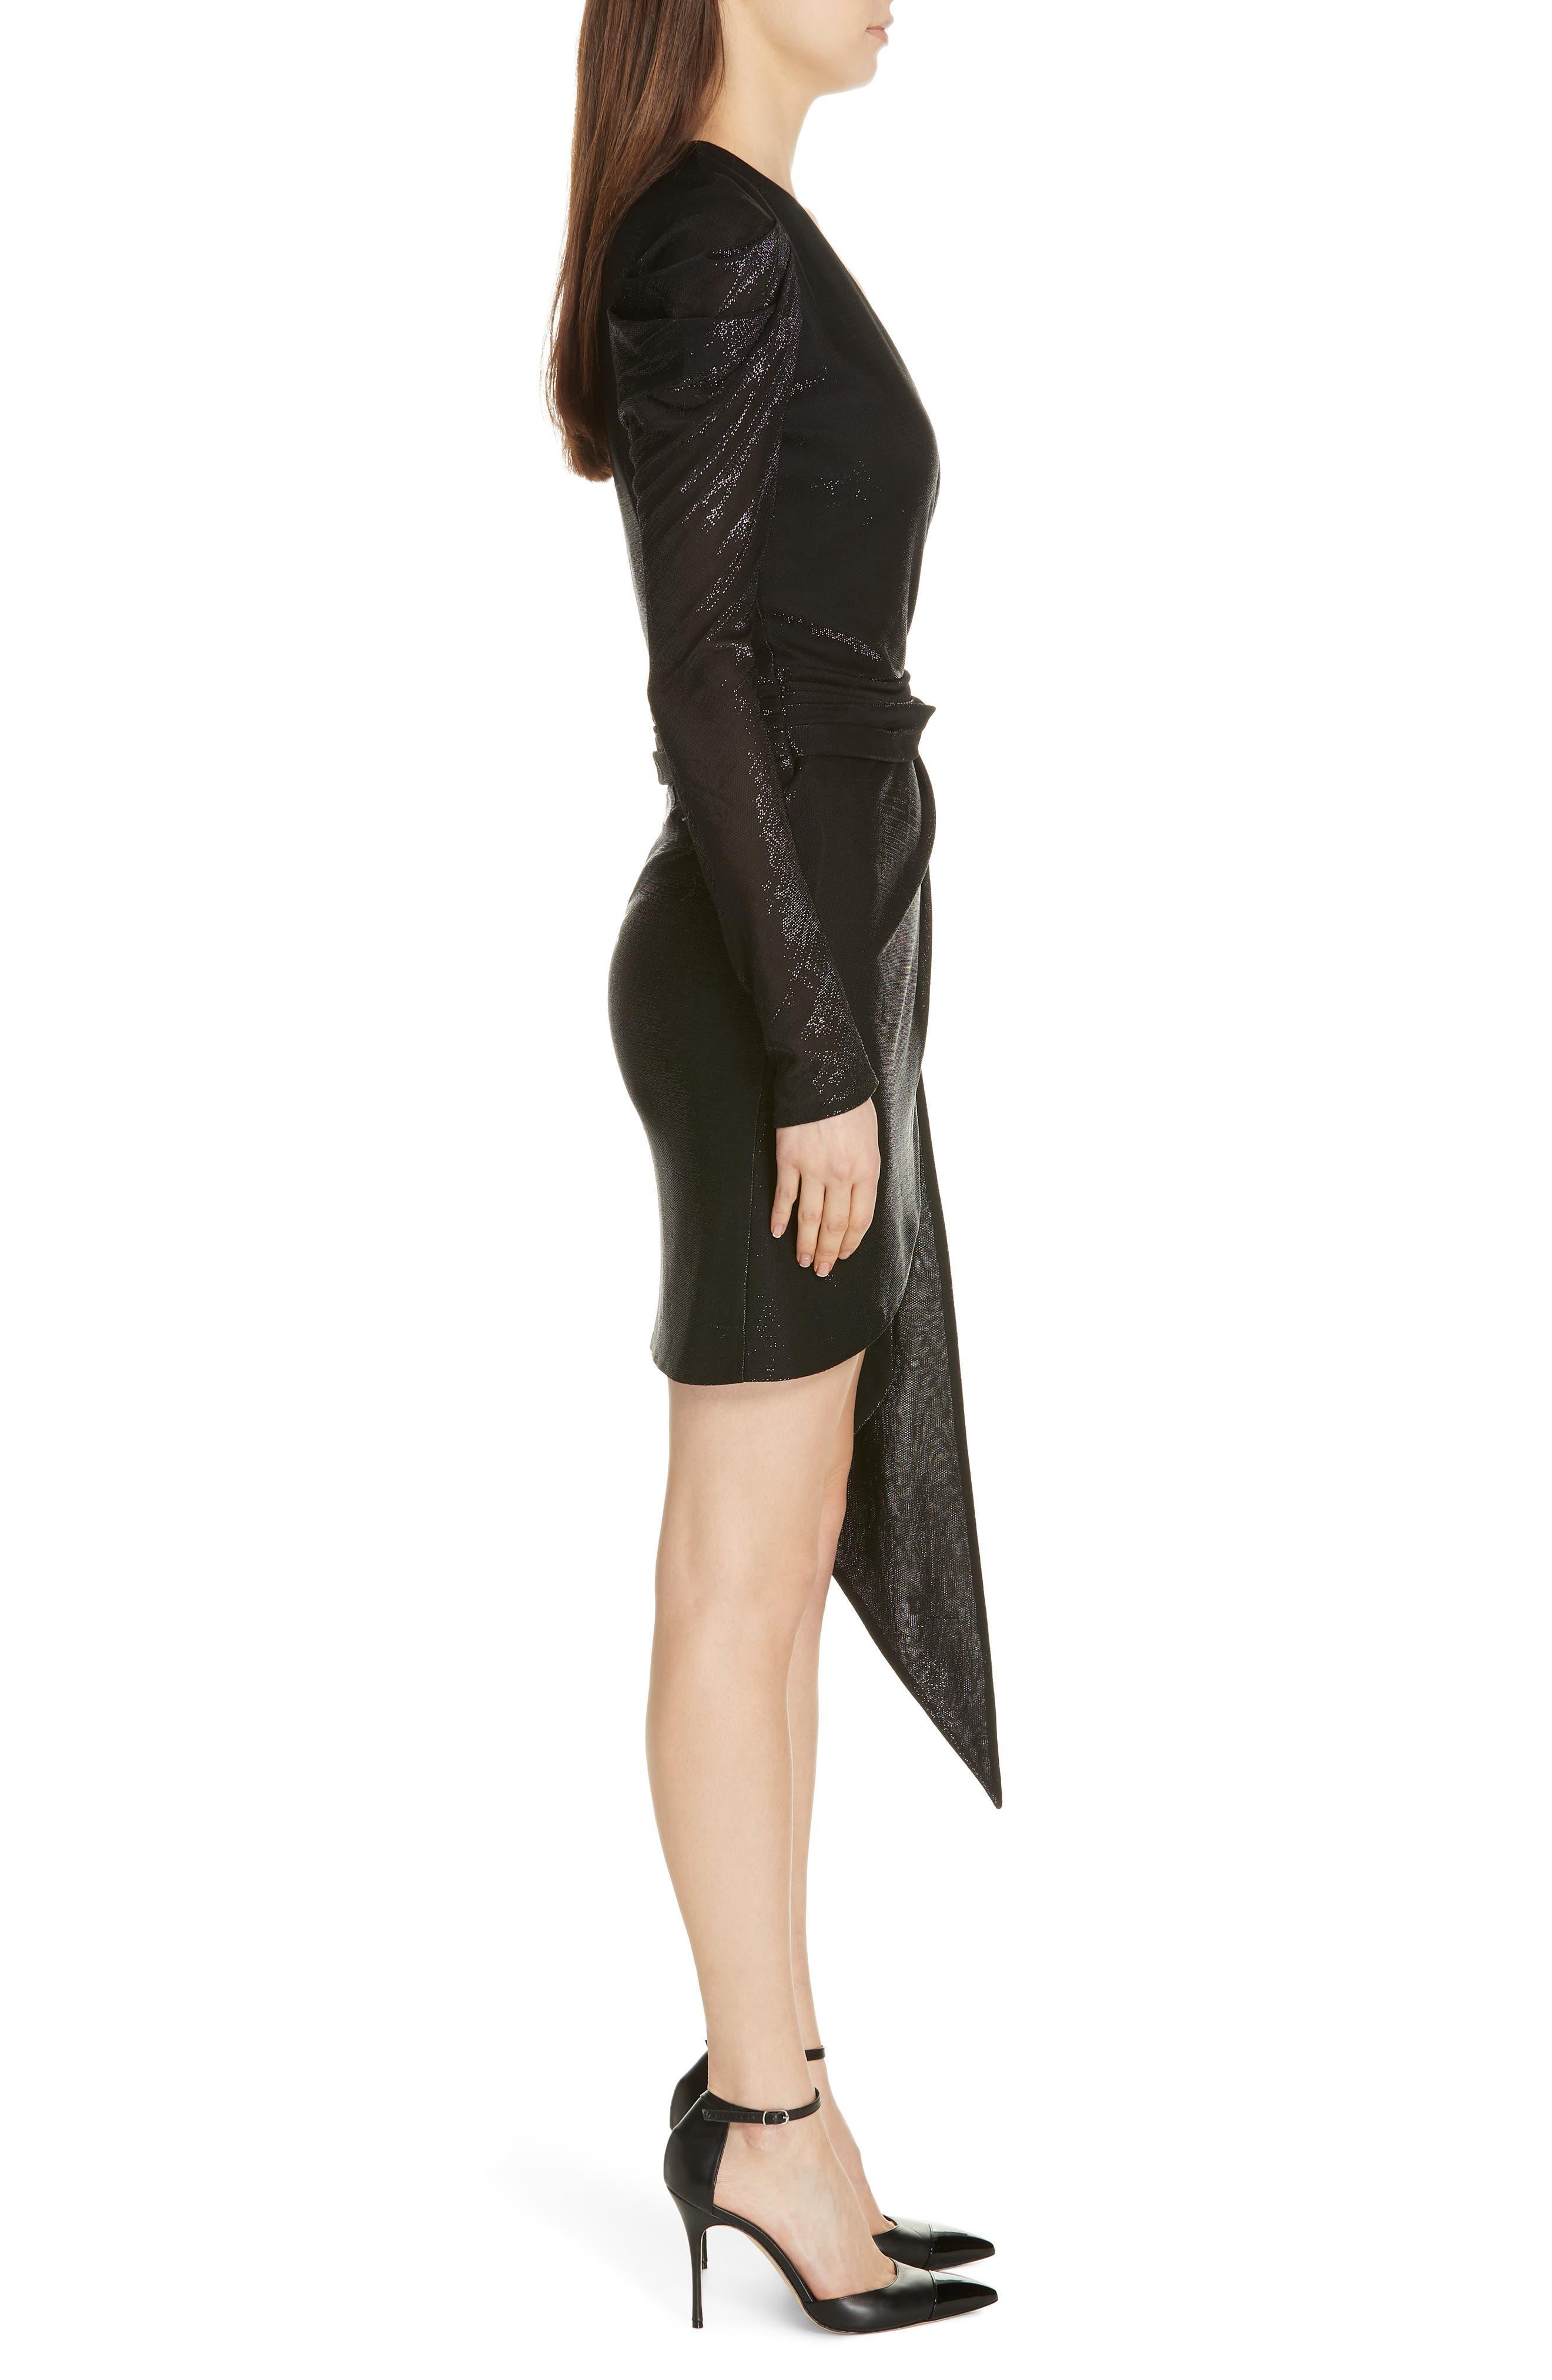 JONATHAN SIMKHAI,                             Metallic Knit Dress,                             Alternate thumbnail 3, color,                             BLACK